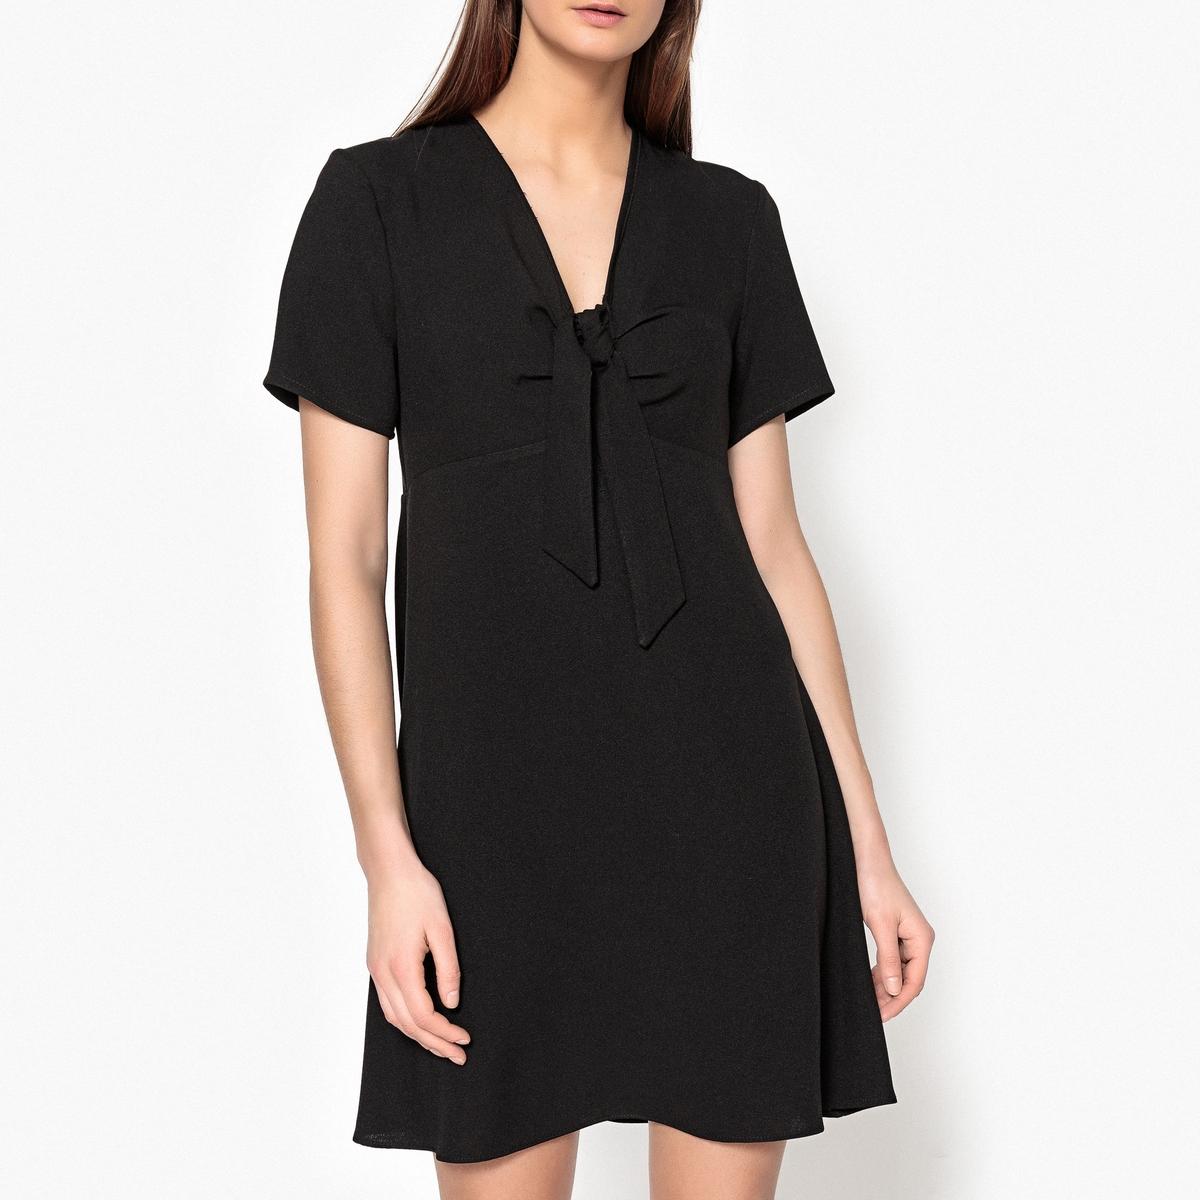 Платье однотонное с v-образным вырезом и бантиком PETULAR полуприлегающее платье с v образным вырезом gf ferre платья и сарафаны мини короткие